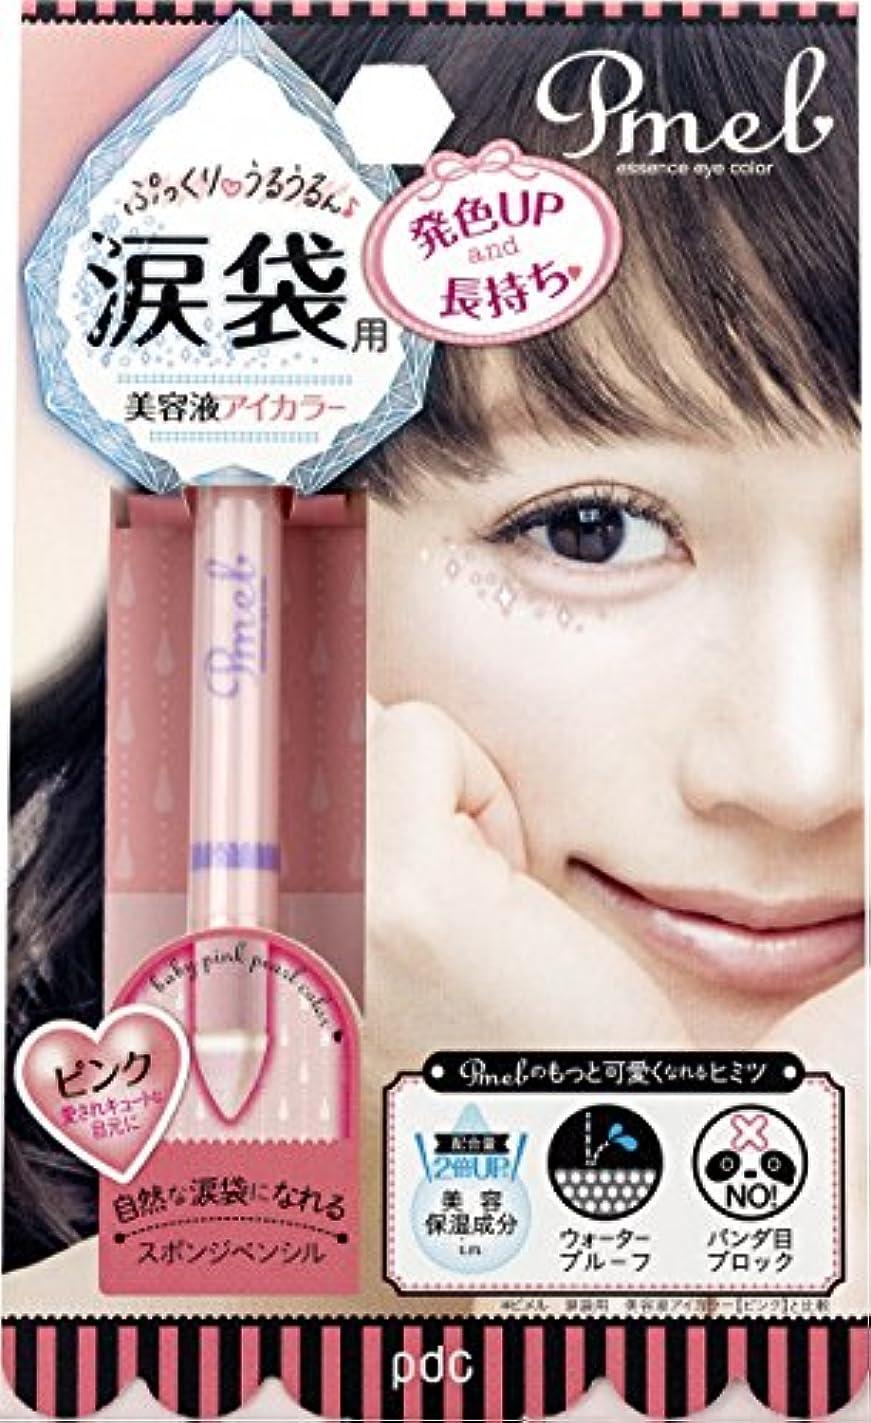 周術期育成自動的にピメル 涙袋用 美容液アイカラー ピンク